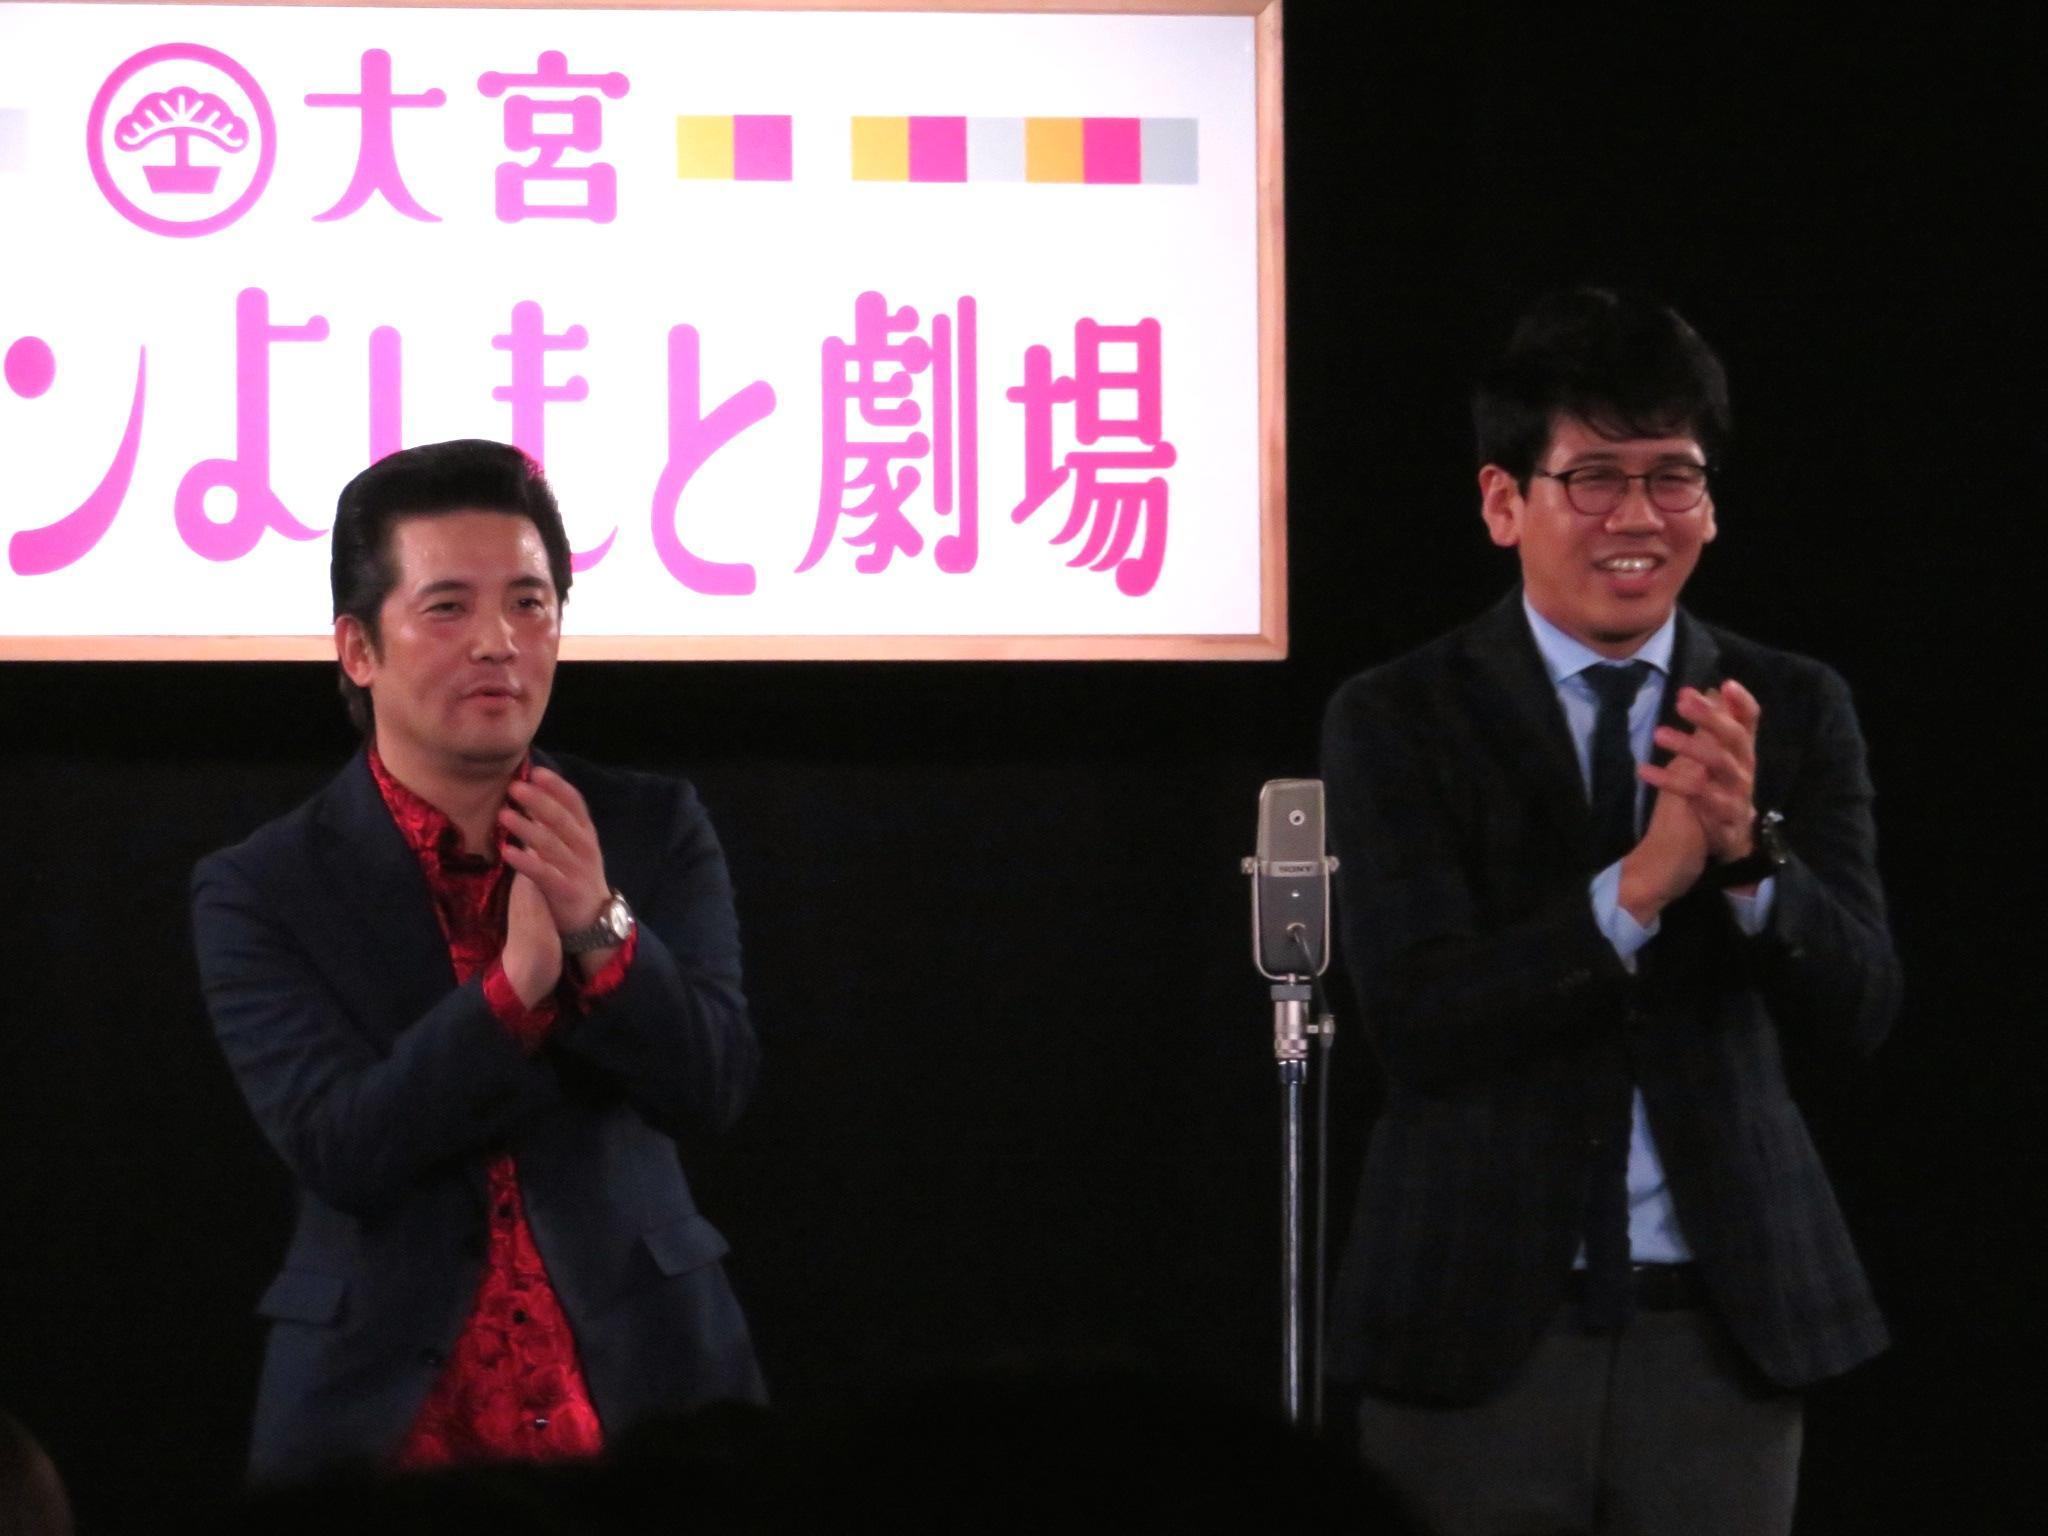 http://news.yoshimoto.co.jp/20171230223332-fdc85e6d4b5df74446ad3457071d29bcdec61762.jpg